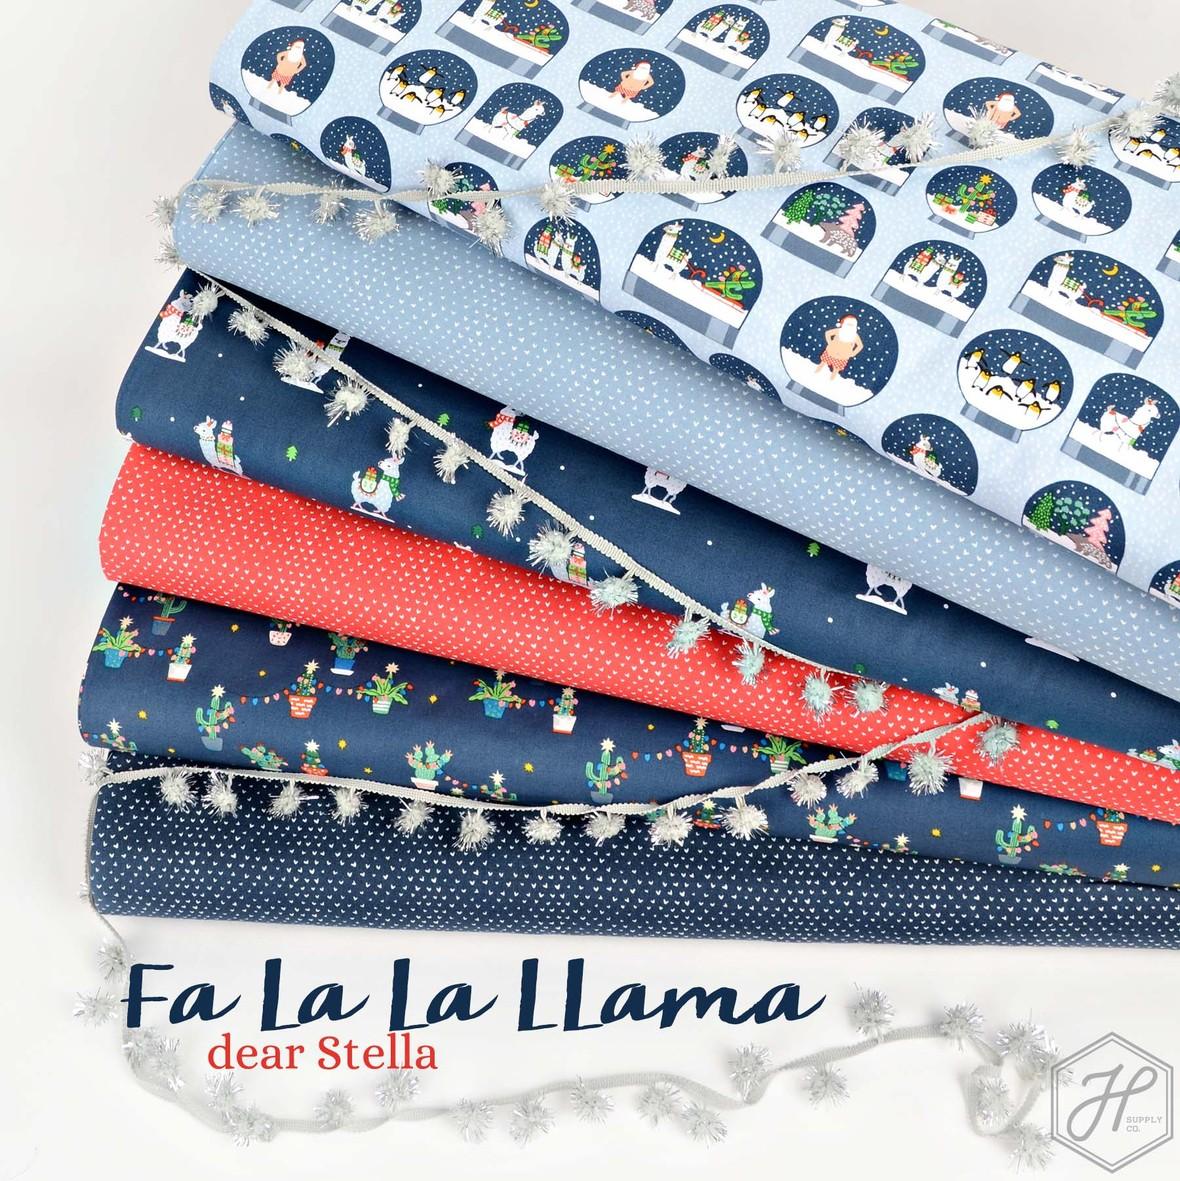 Fa La Llama Fabric Poster Dear STella at Hawthorne Supply Co.